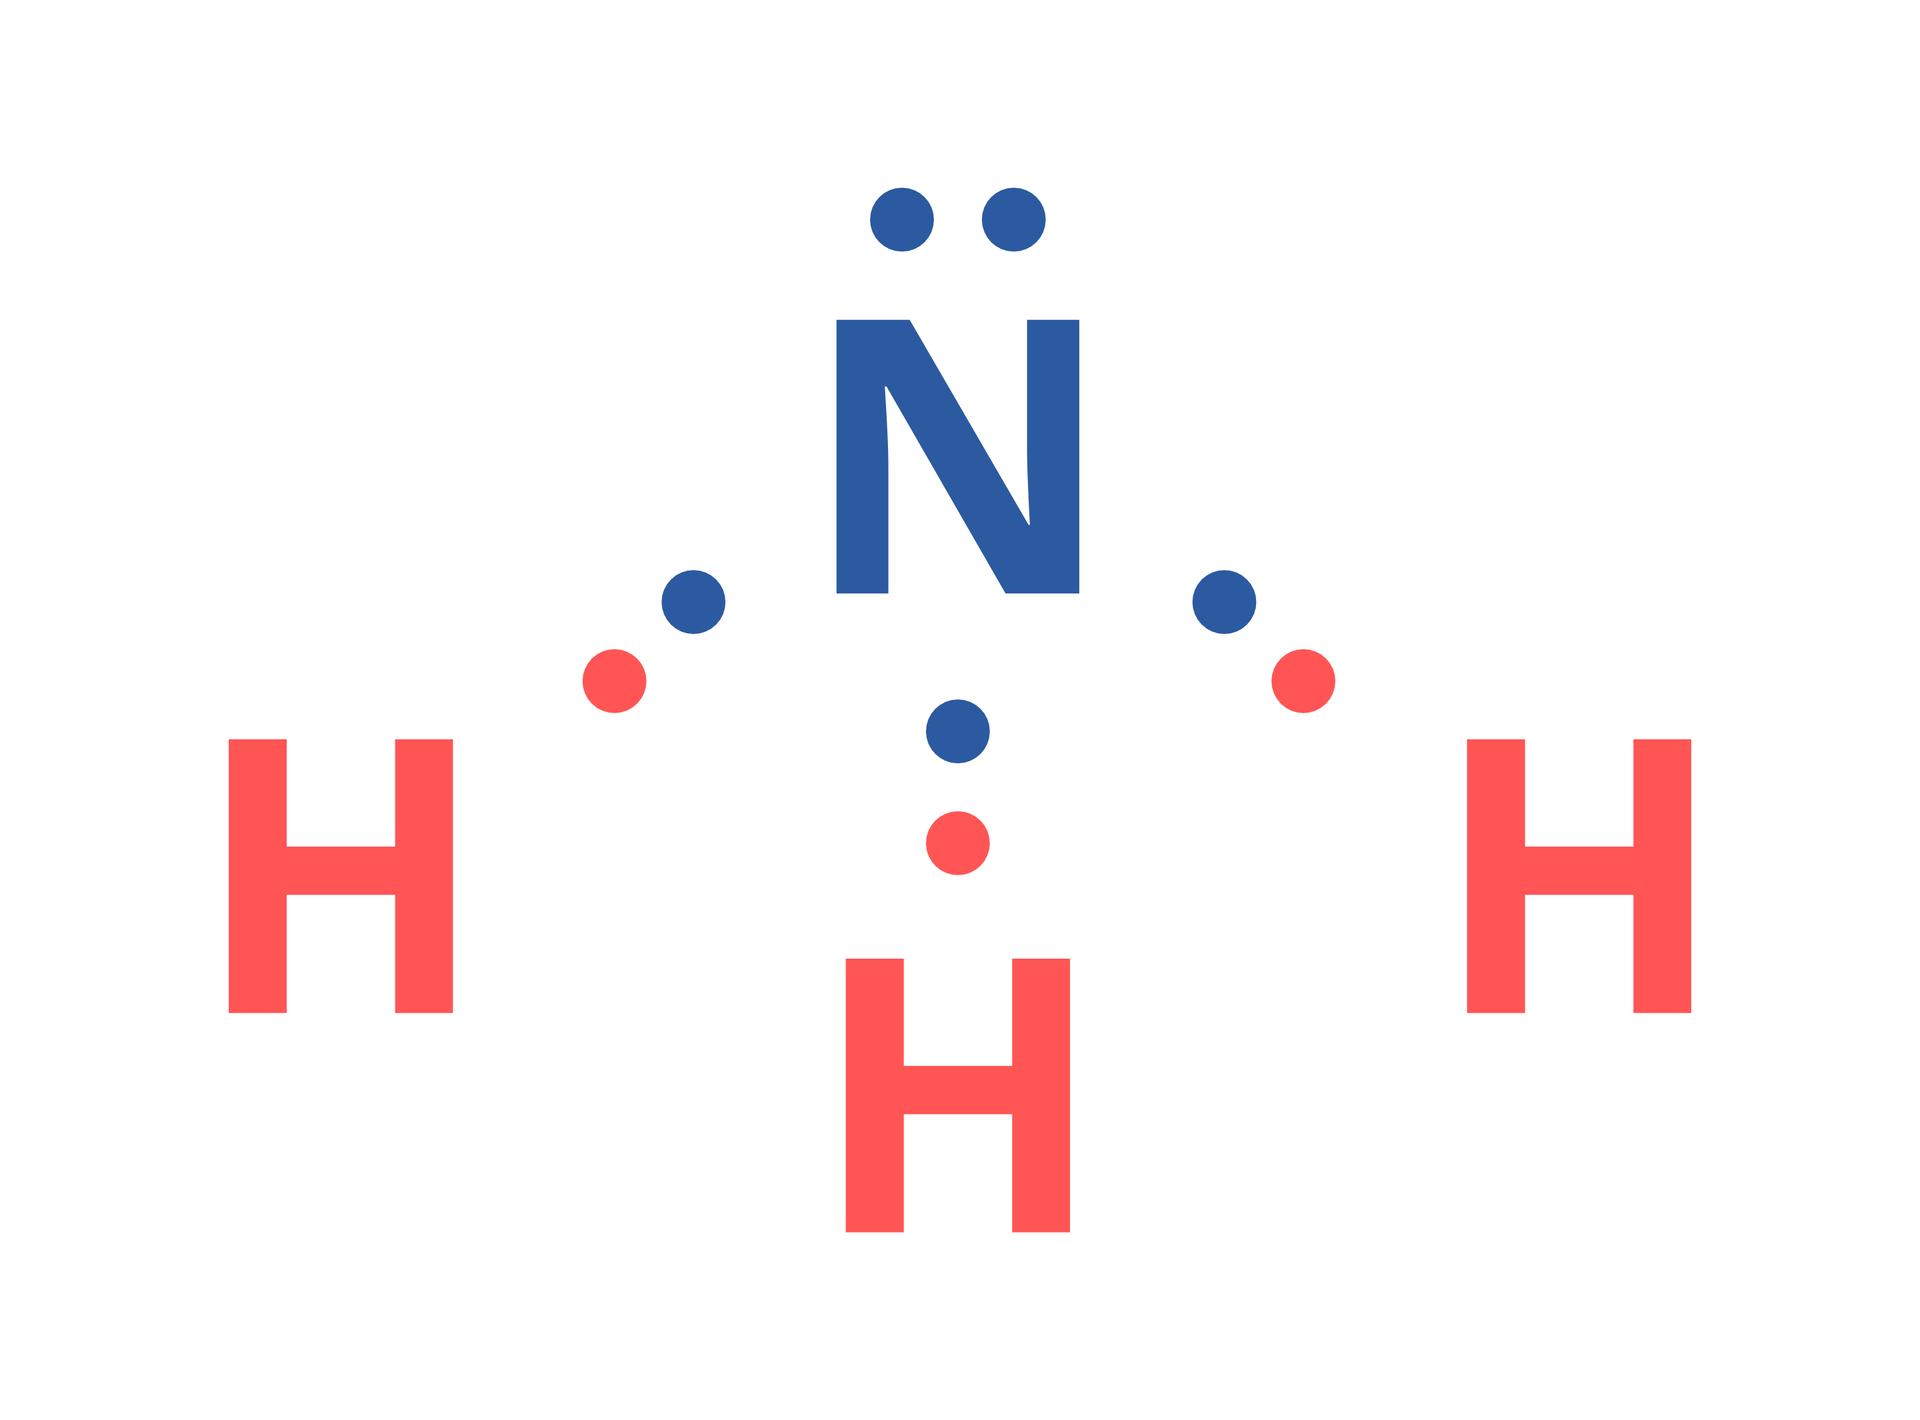 Ilustracja przedstawia cząsteczkę amoniaku ukazaną wpostaci wzoru elektronowego kropkowego. Wgórnej części znajduje się symbol atomu azotu - niebieska litera N- otoczony pięcioma niebieskimi kropkami. Do trzech znich przylegają kropki symbolizujące elektrony trzech atomów wodoru, wyróżnione - podobnie jak symbol H- kolorem czerwonym.